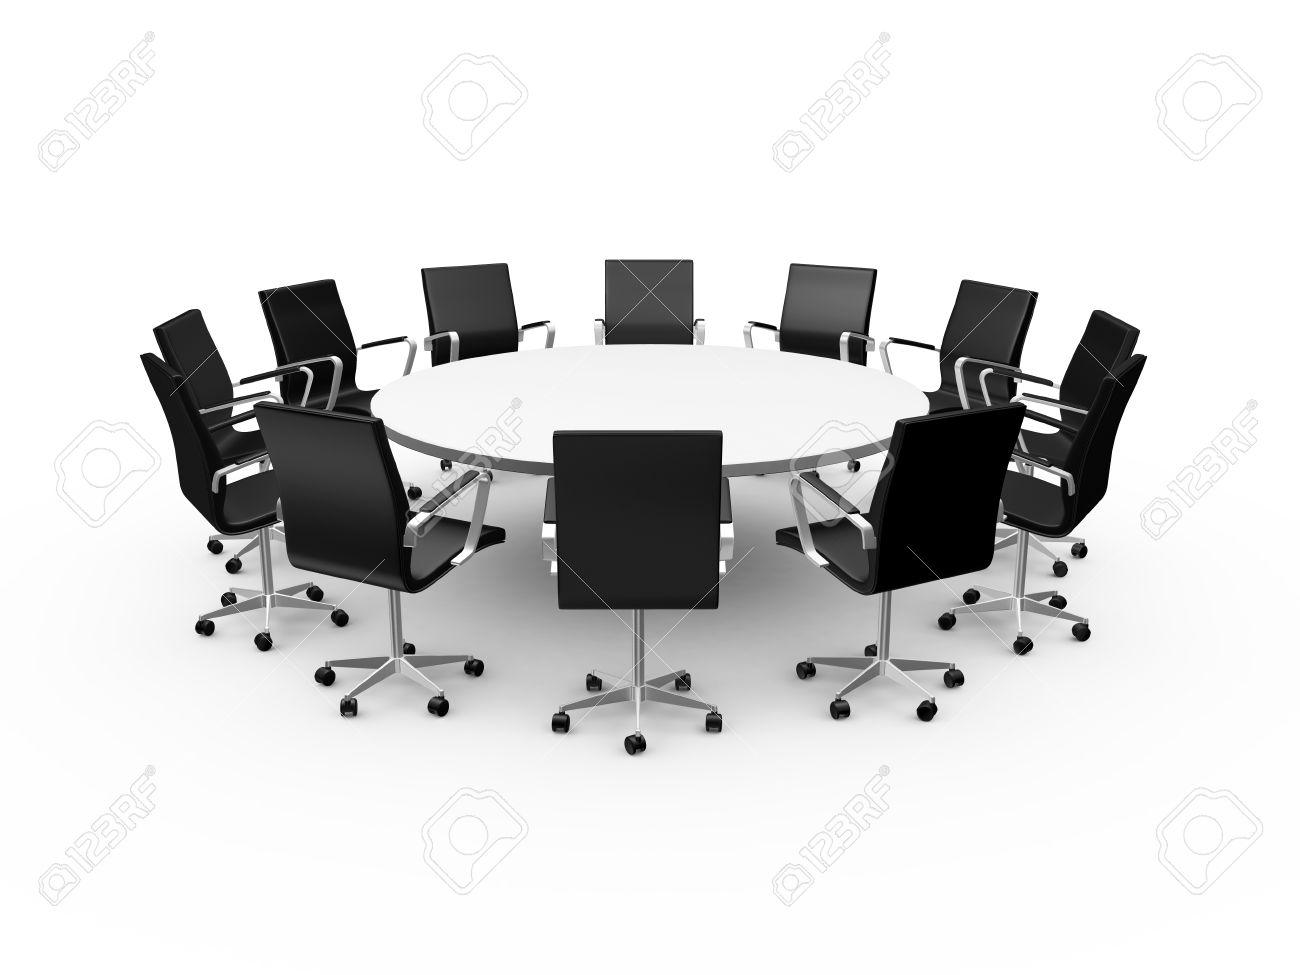 Conférence table ronde et des chaises de bureau noir dans la salle